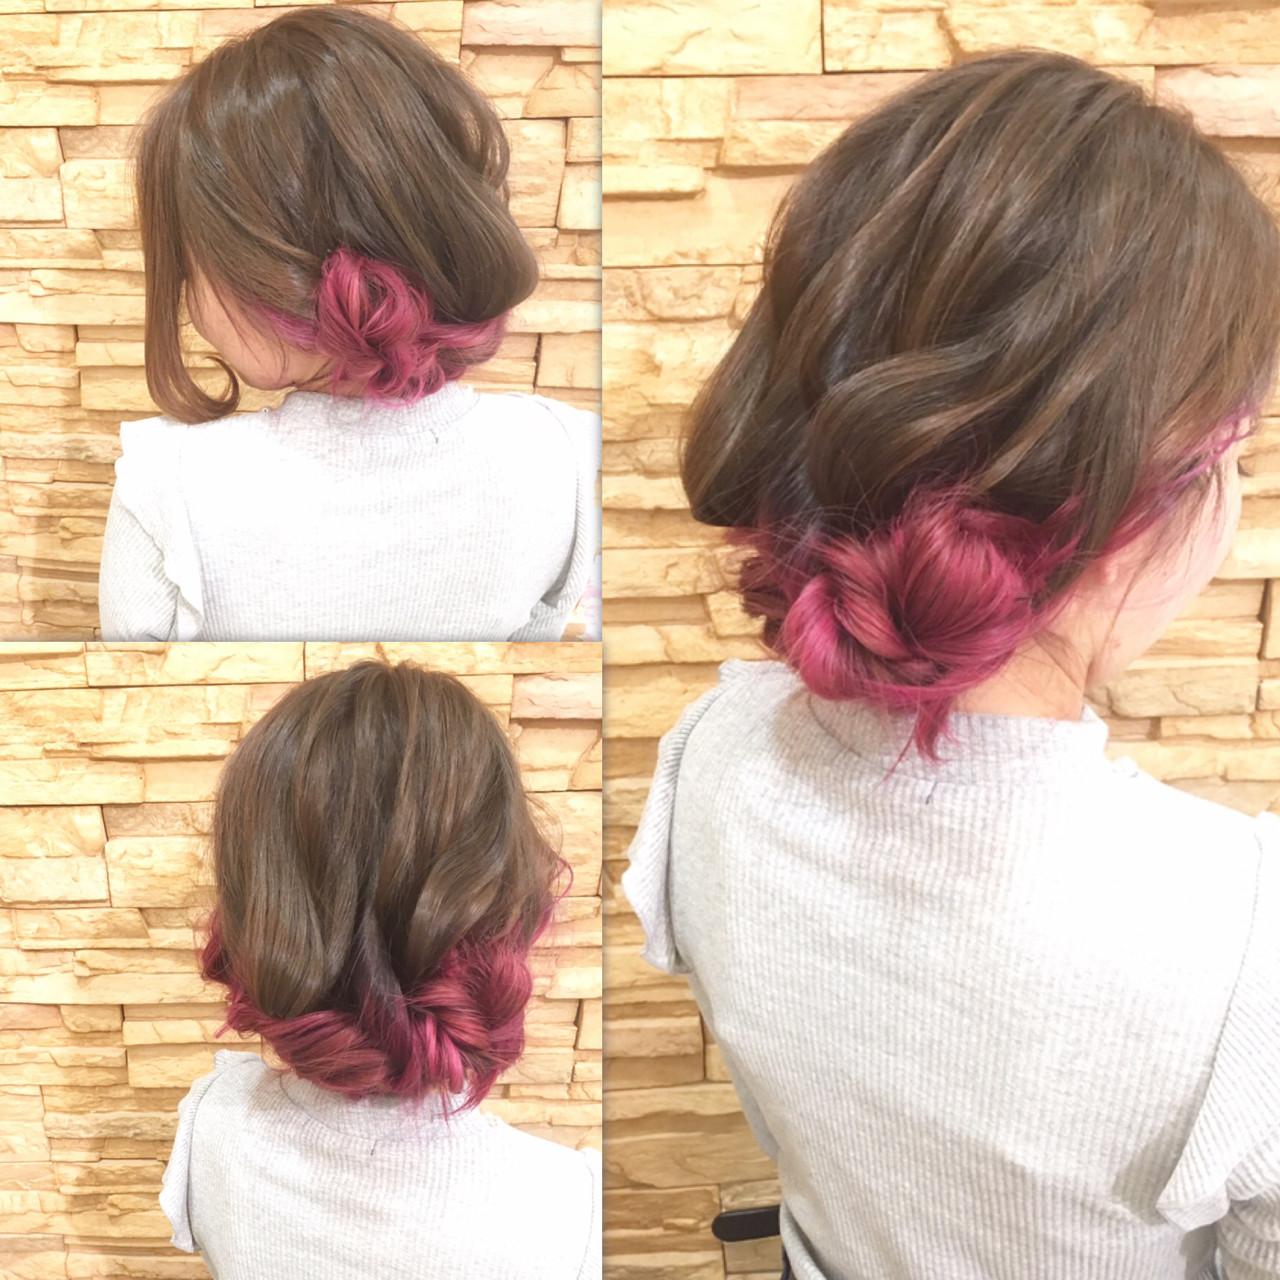 バレンタイン ロング フェミニン ヘアアレンジ ヘアスタイルや髪型の写真・画像 | 庄司 将之 / Quartettカルテット